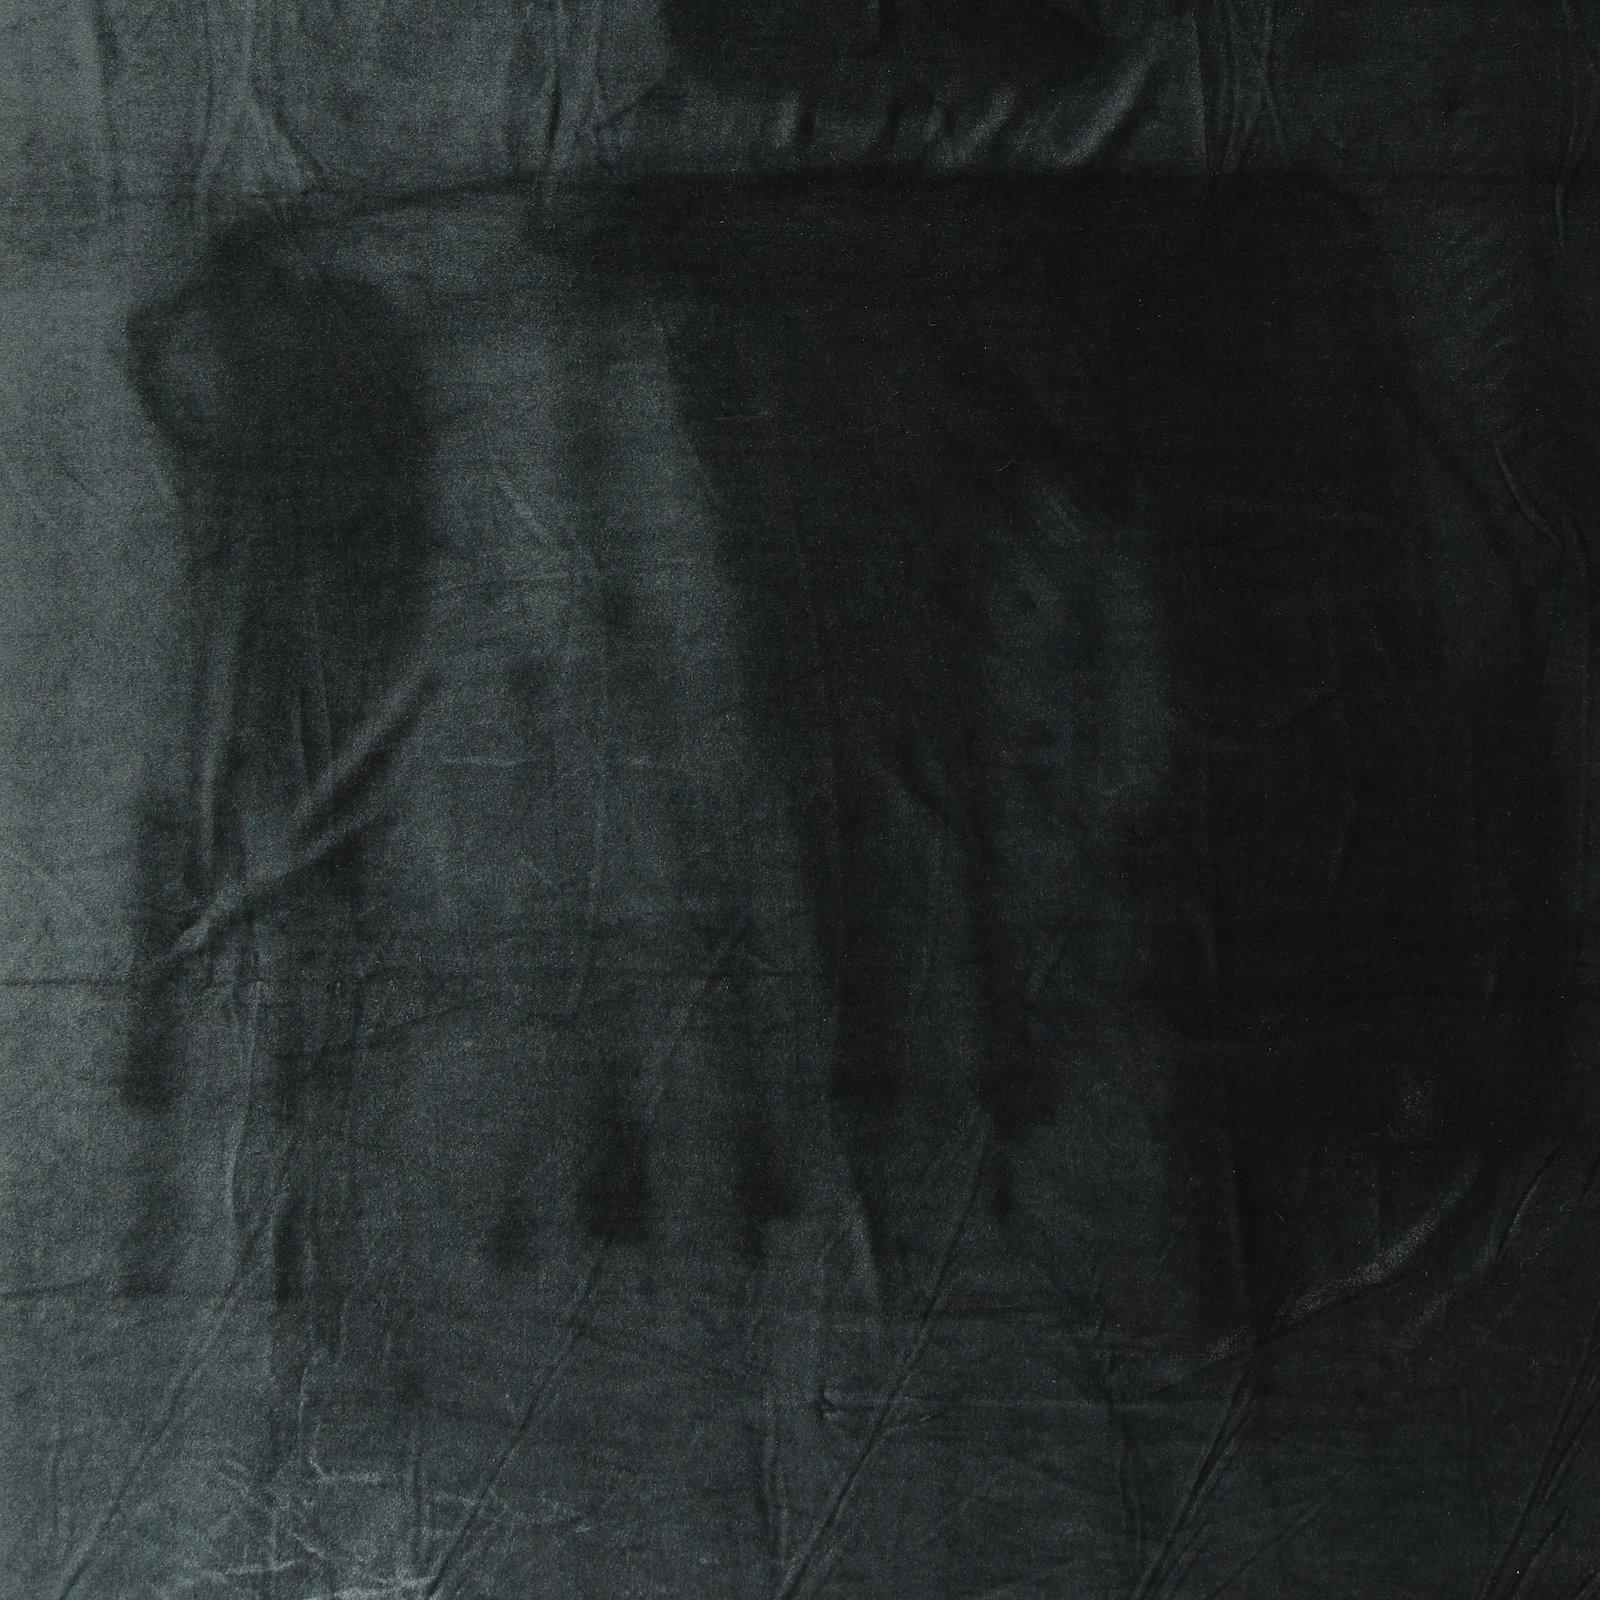 Shiny stretch velvet dark midnight blue 250687_pack_solid